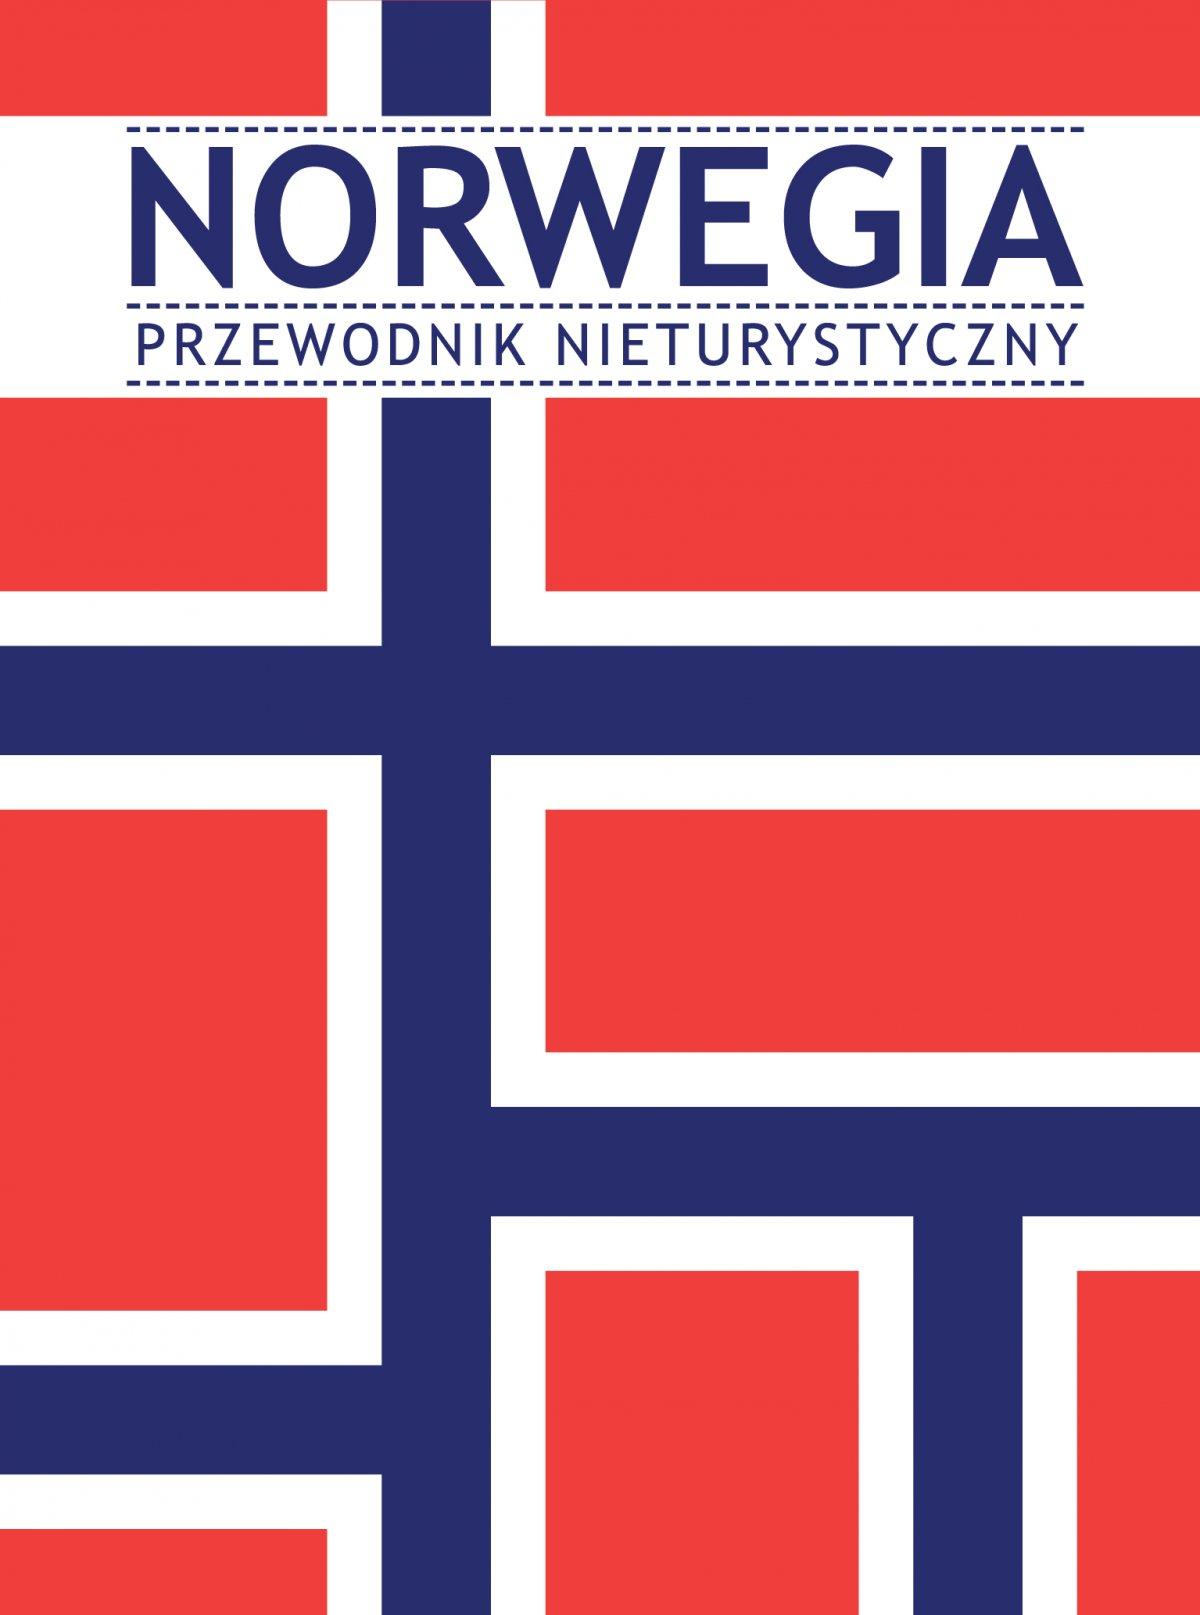 Norwegia. Przewodnik nieturystyczny - Ebook (Książka EPUB) do pobrania w formacie EPUB